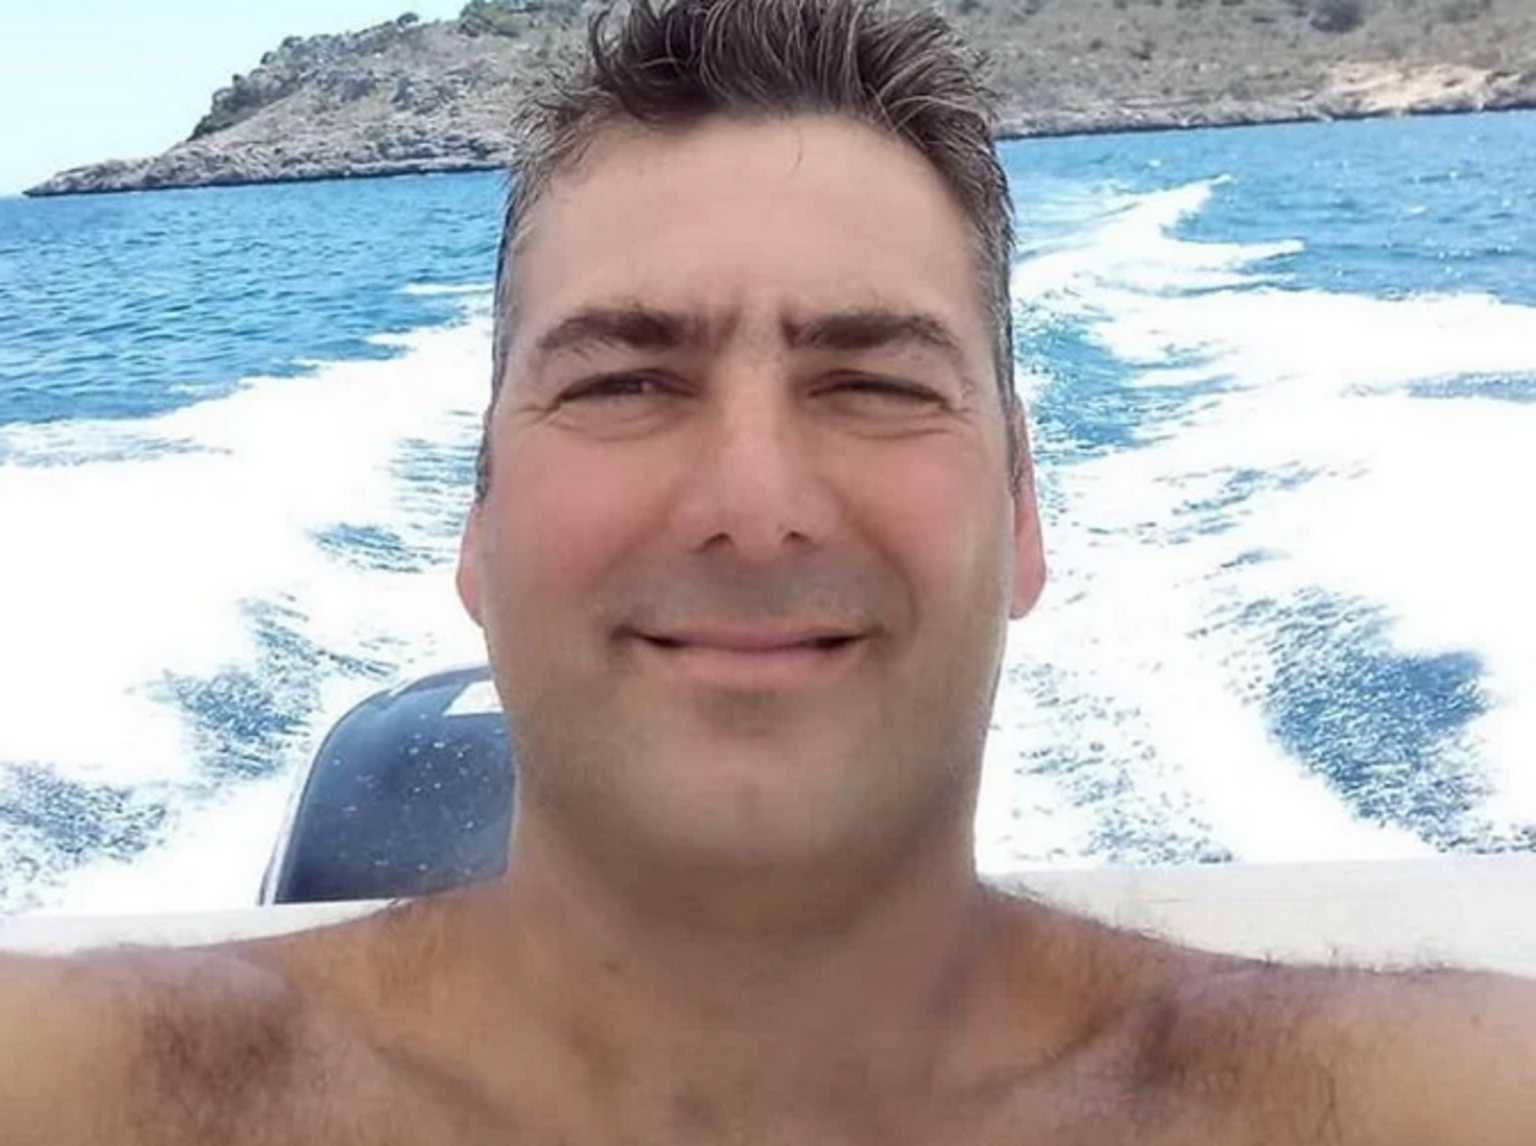 Πάτρα: Νεκρός στην πισίνα ο Κωνσταντίνος Αντίοχος! Ασύλληπτη τραγωδία την ώρα του αγώνα (Φωτό)